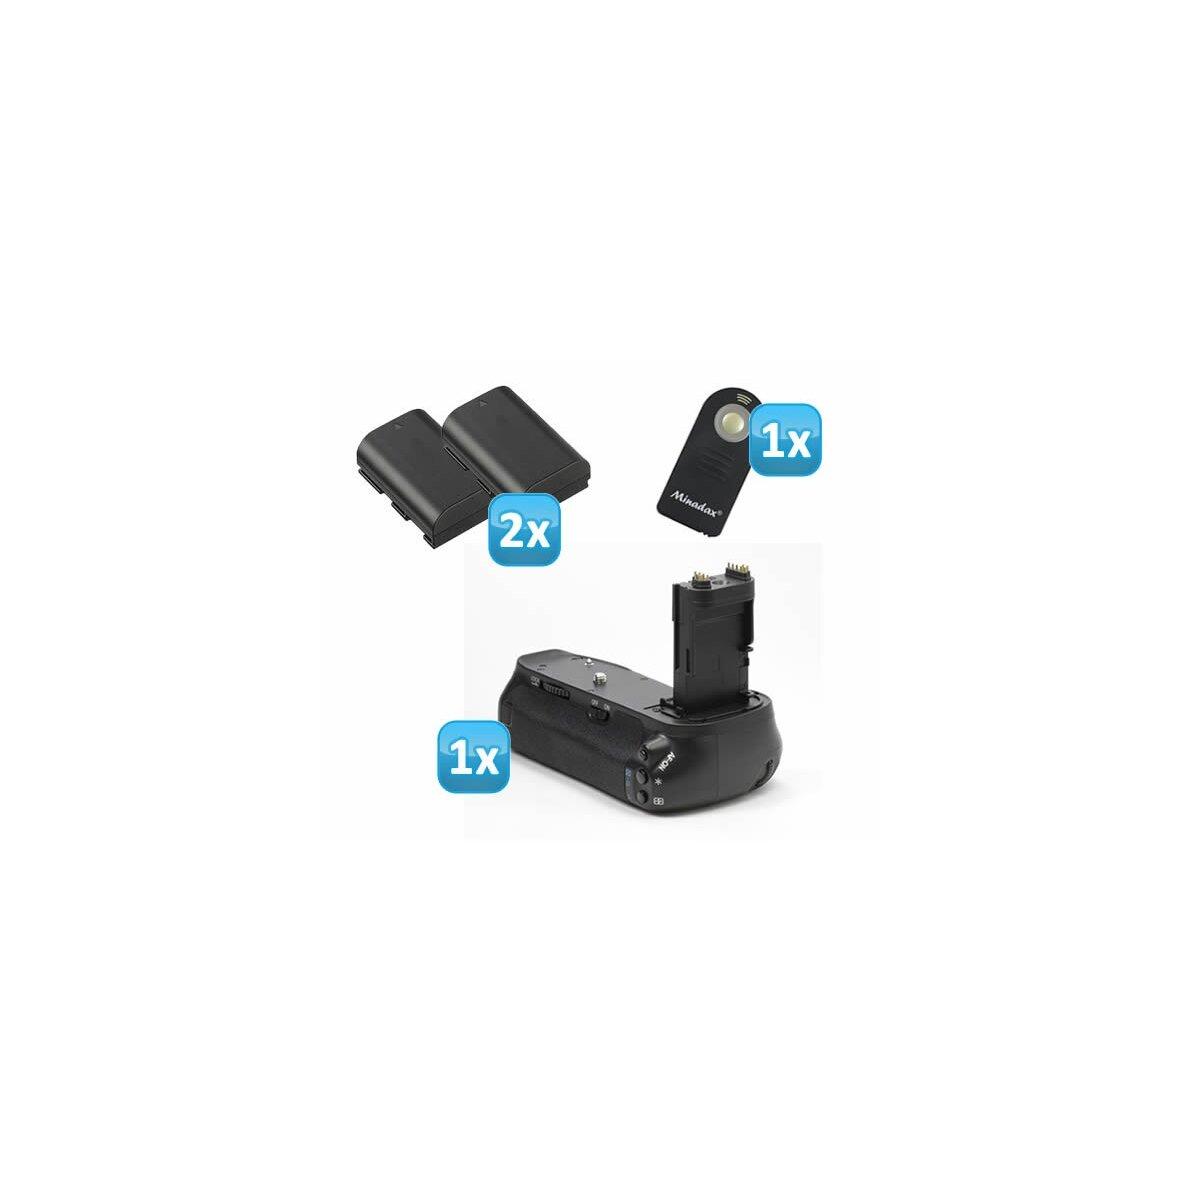 Profi Batteriegriff kompatibel mit Canon EOS 6D Ersatz für BG-E13 - für 2x LP-E6 und 6x AA Batterien + 2 LP-E6 Nachbau-Akkus + 1x Infrarot Fernbedienung!